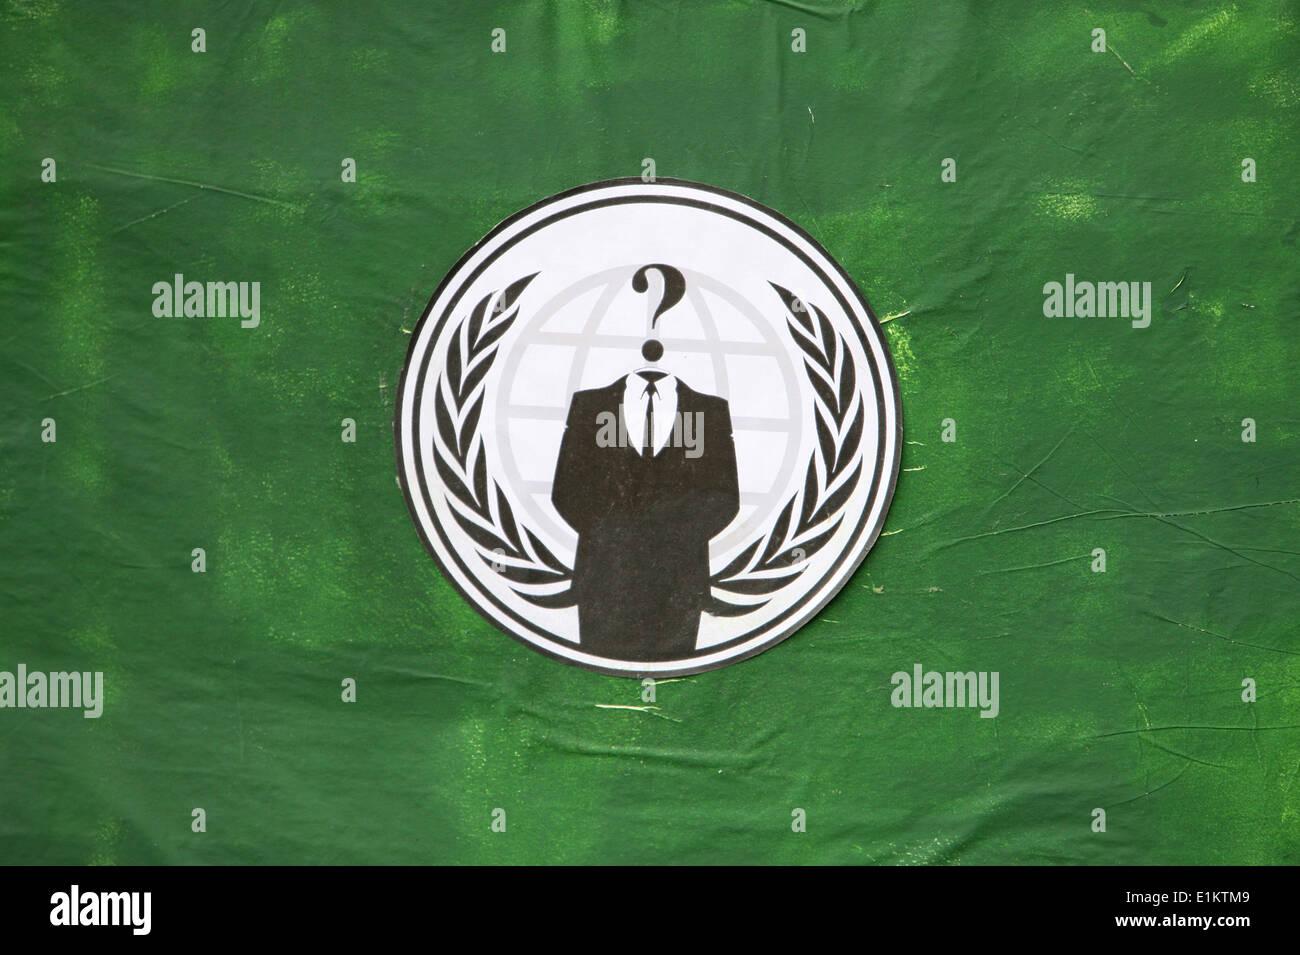 """Ein Flag Vermittlung Symbolik das anonyme zugeordnet. Die Bilder von der """"Anzug ohne Kopf"""" stellt führerlos veranstaltet Stockbild"""